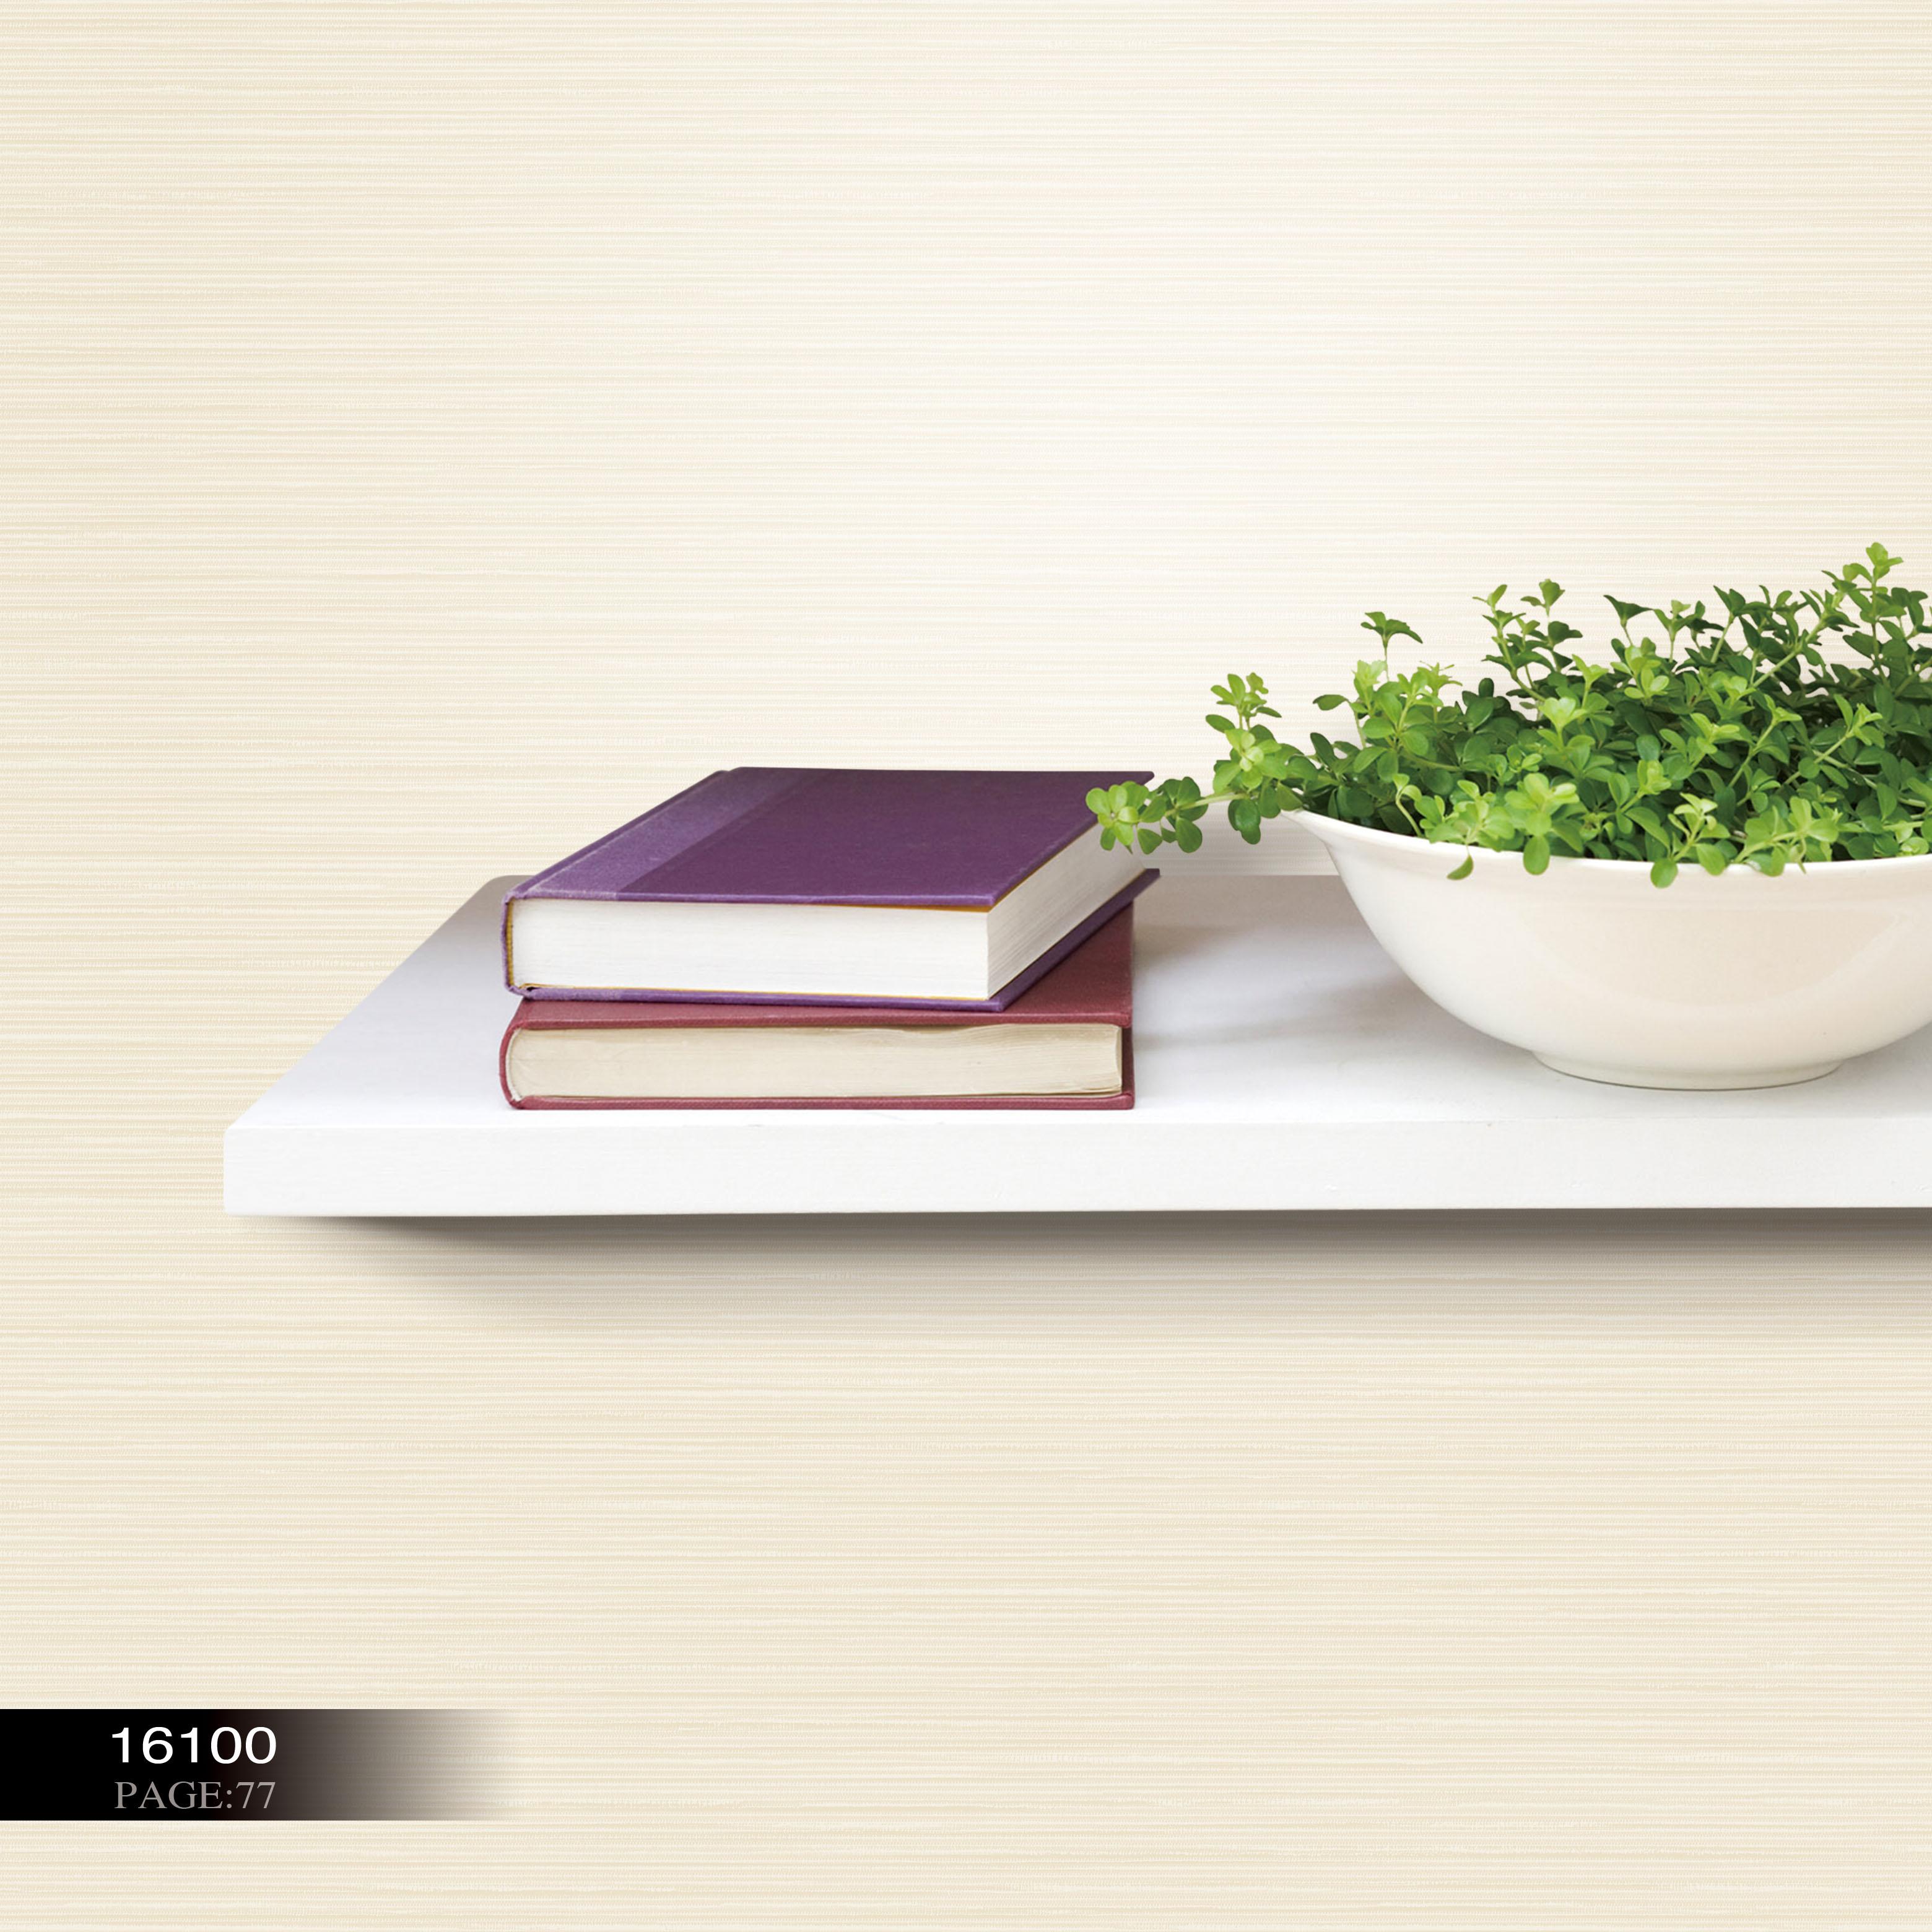 BRAVO ROOM 16100